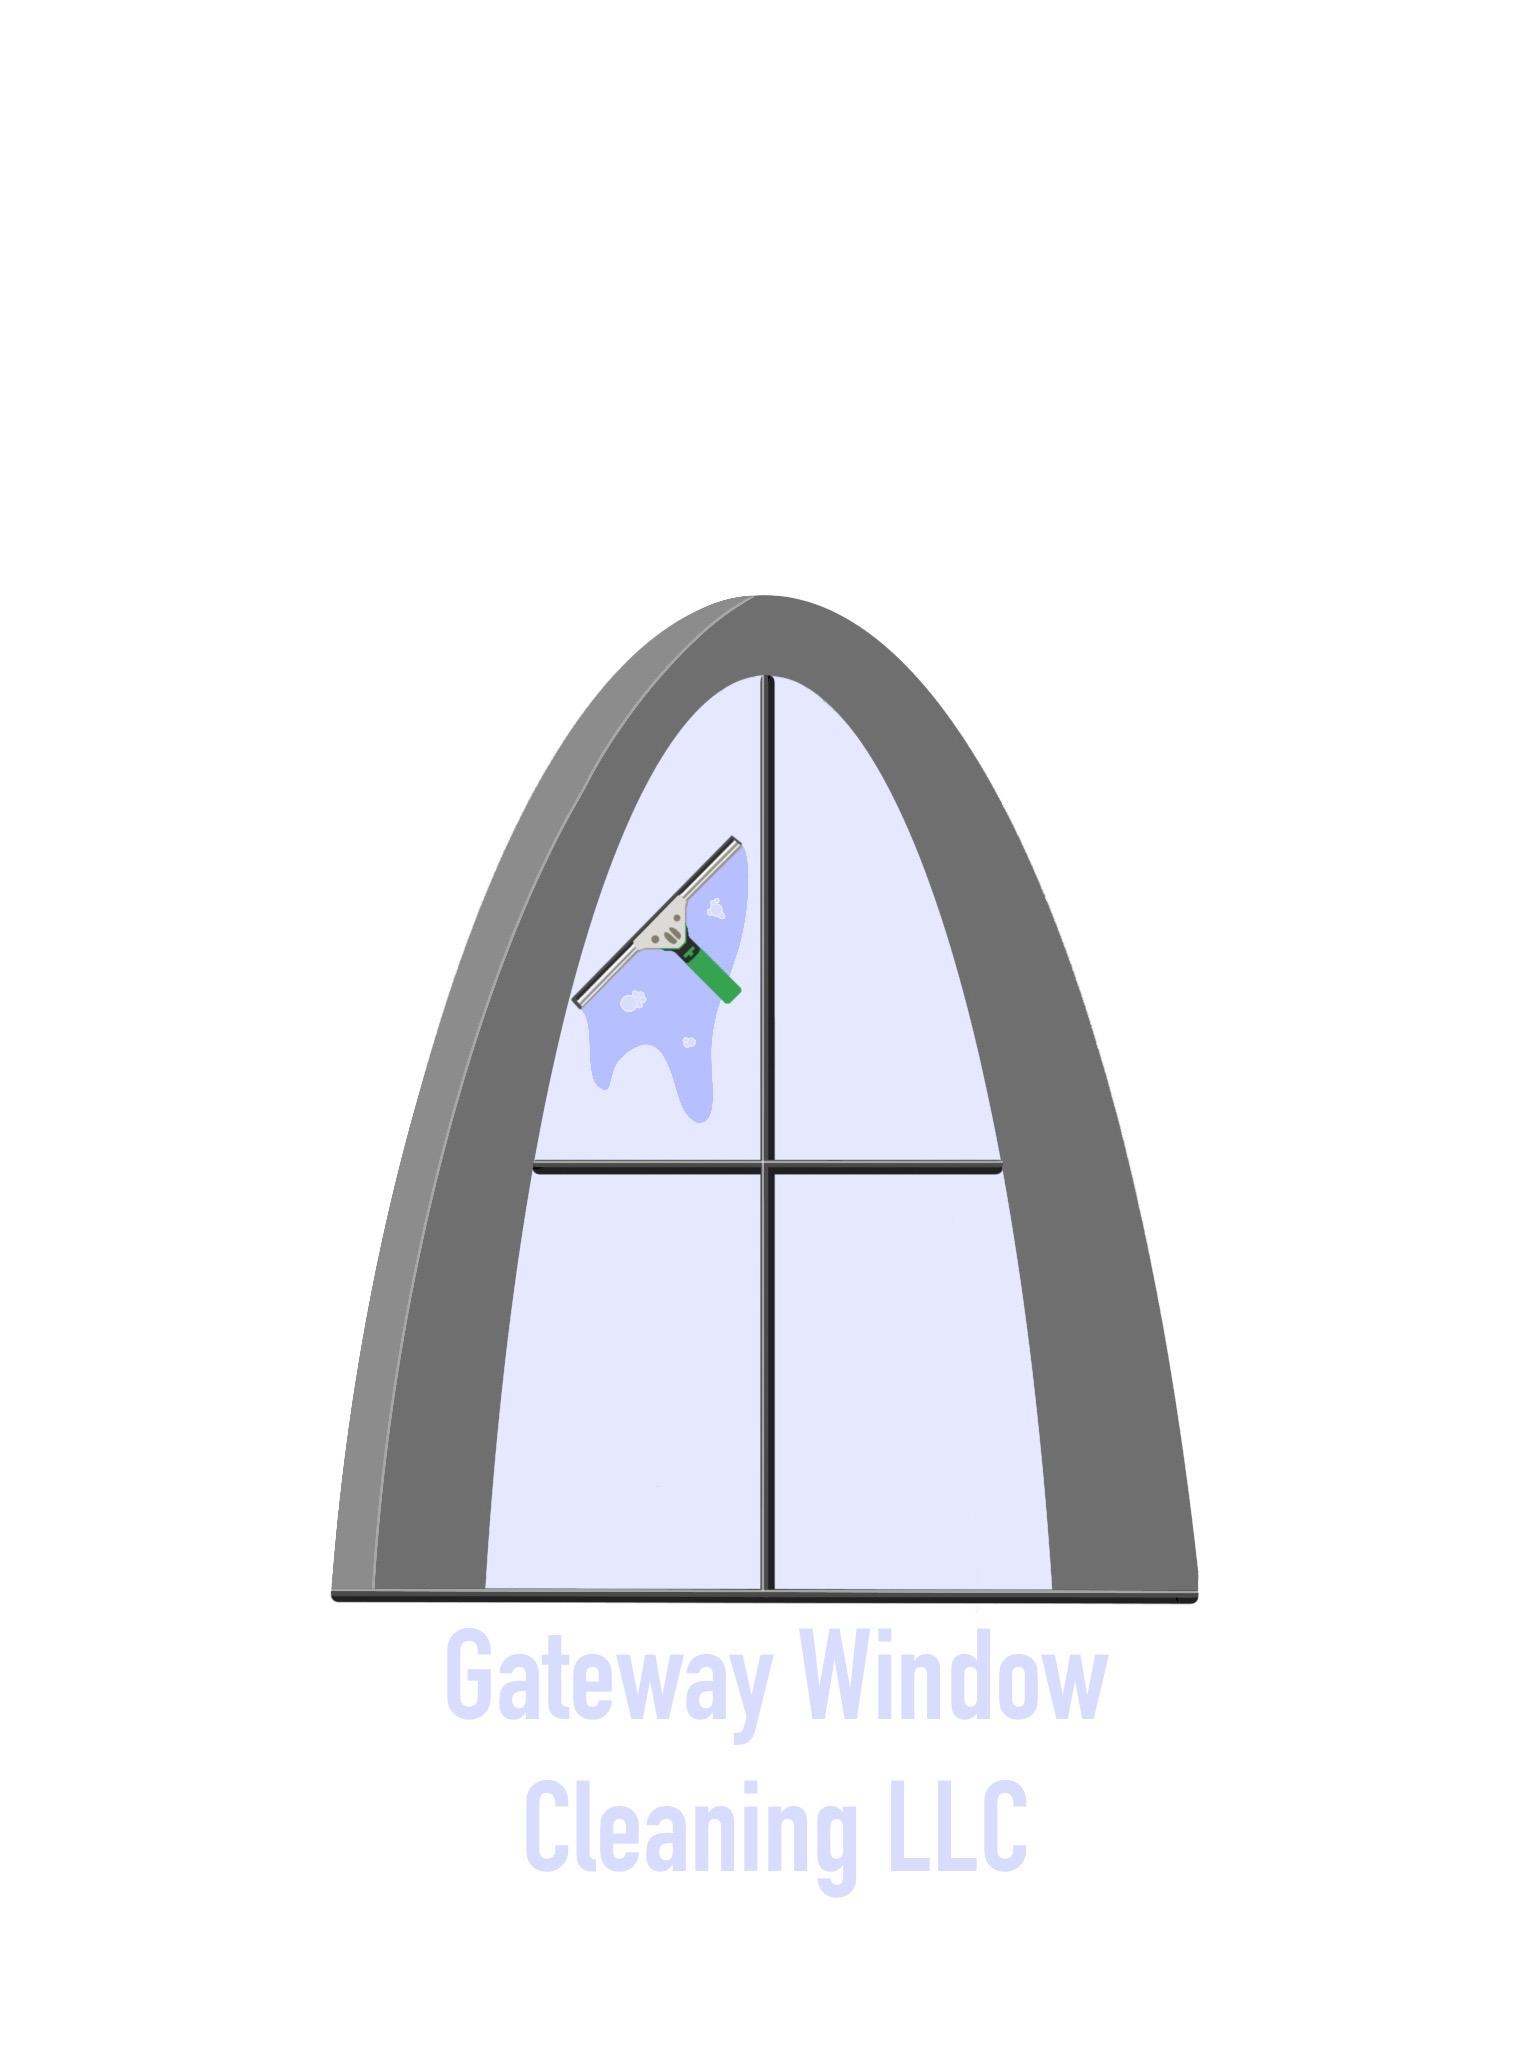 Gateway Window Cleaning LLC